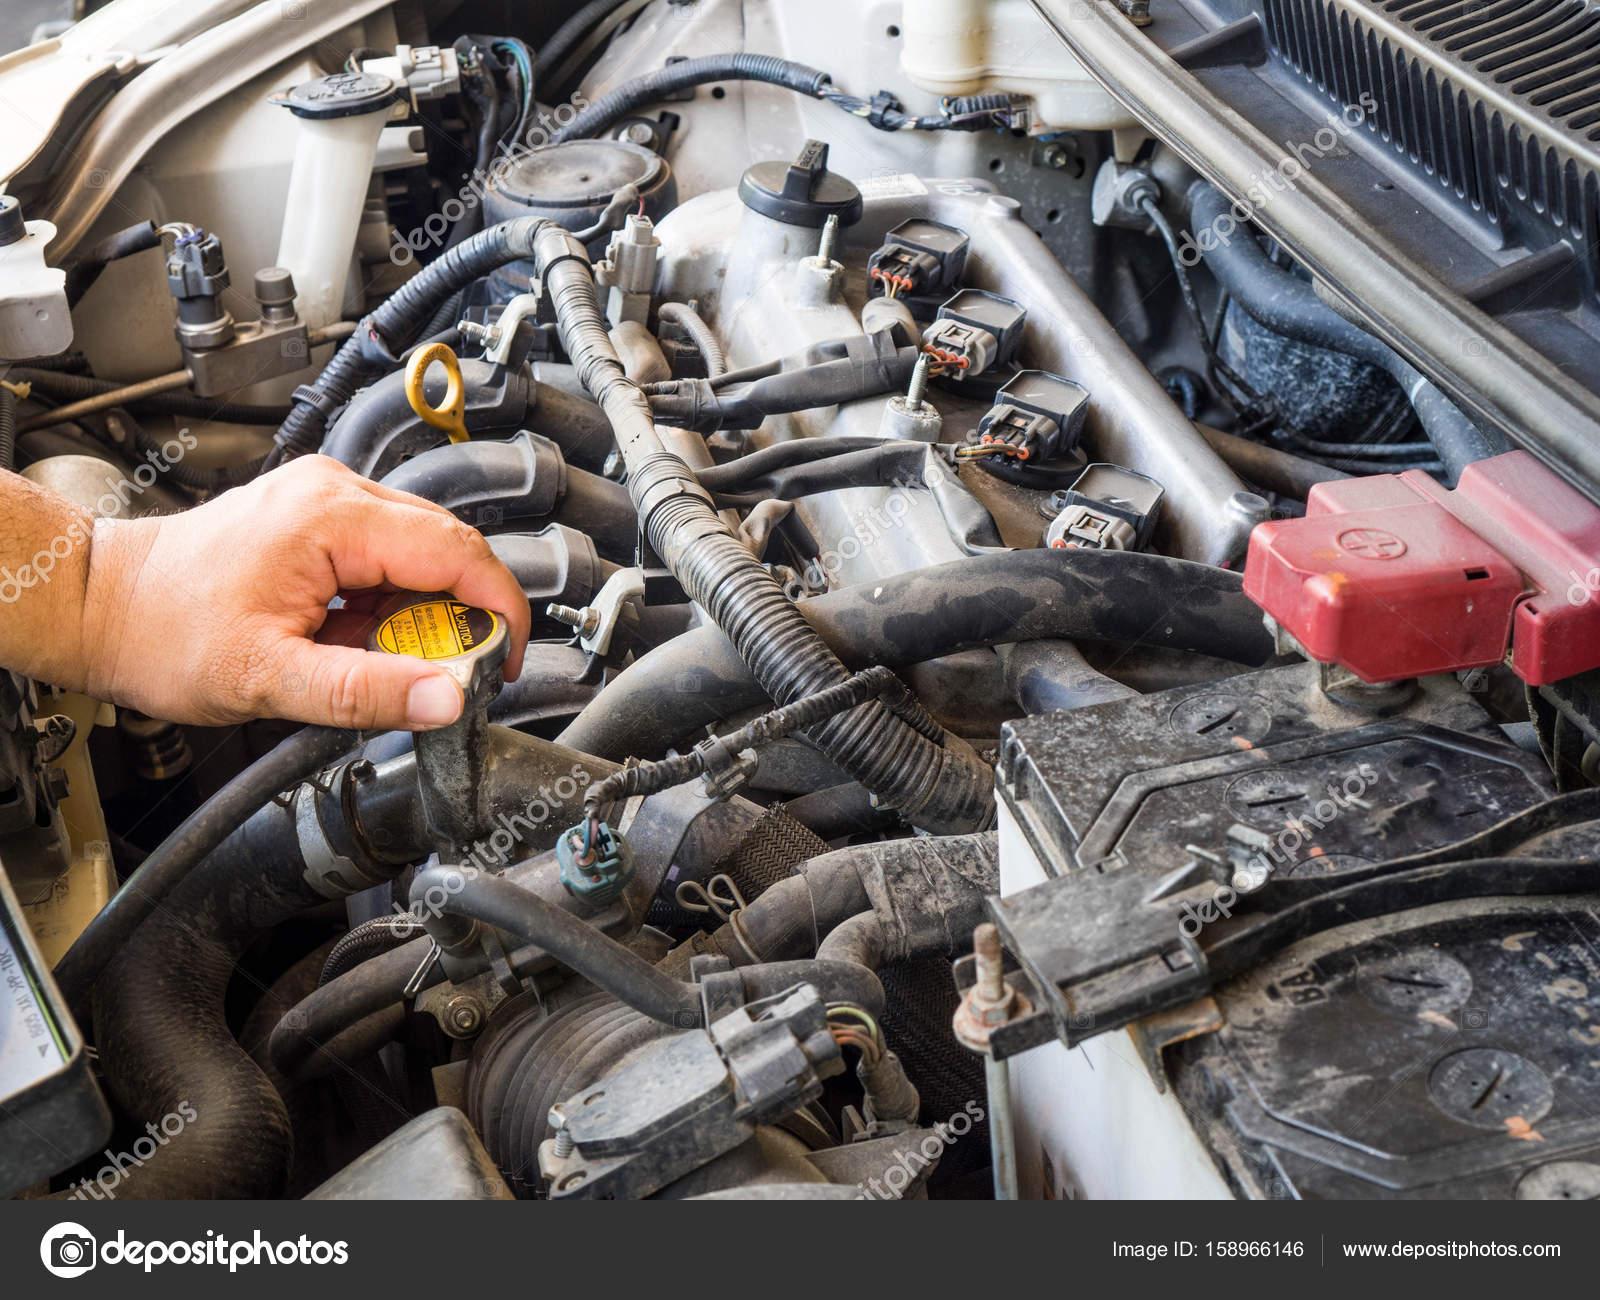 Kfz-Mechaniker in Auto-Reparatur-Service arbeiten. Und die Hände des ...